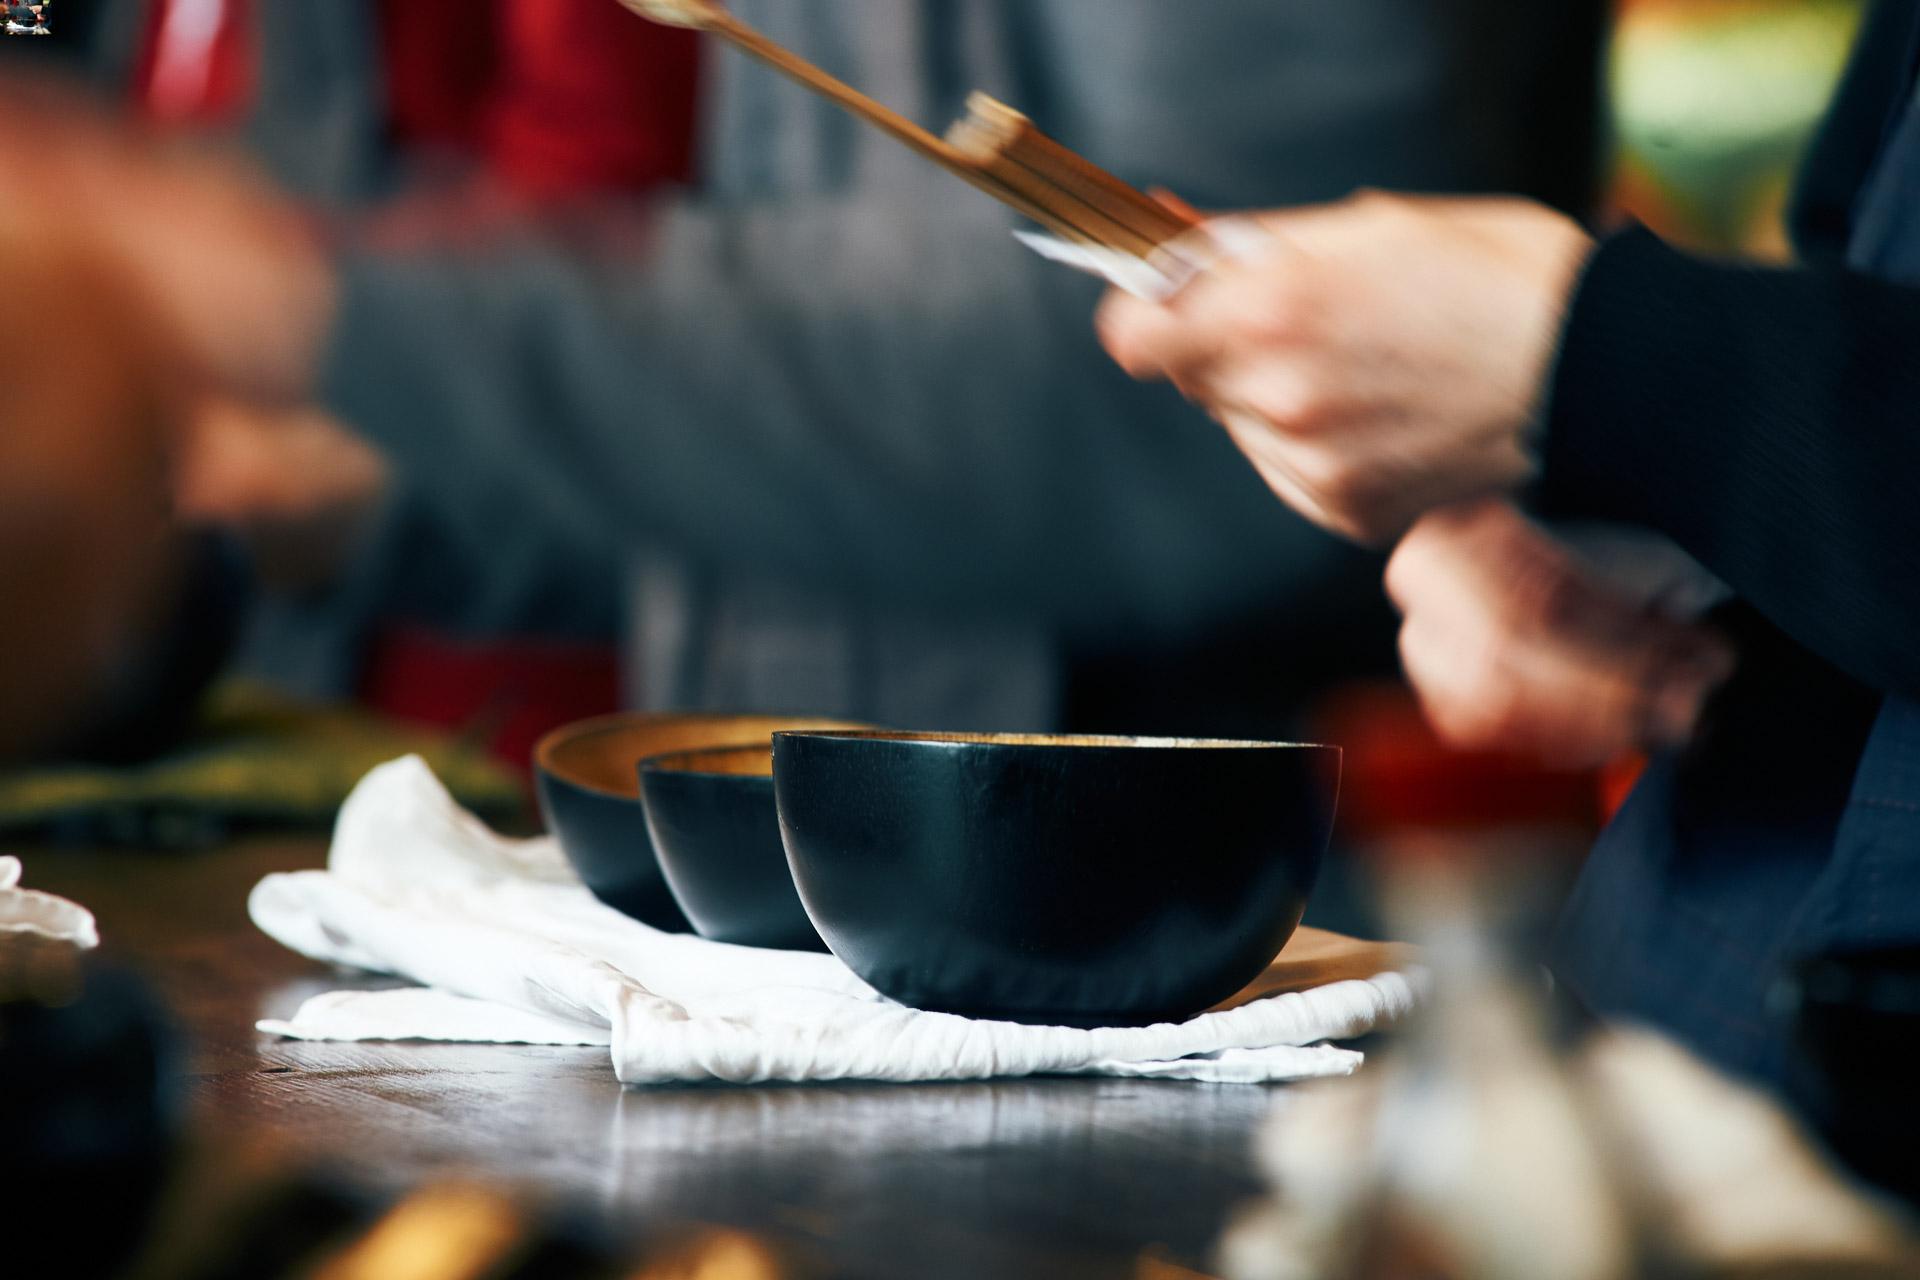 Oryoki Essen